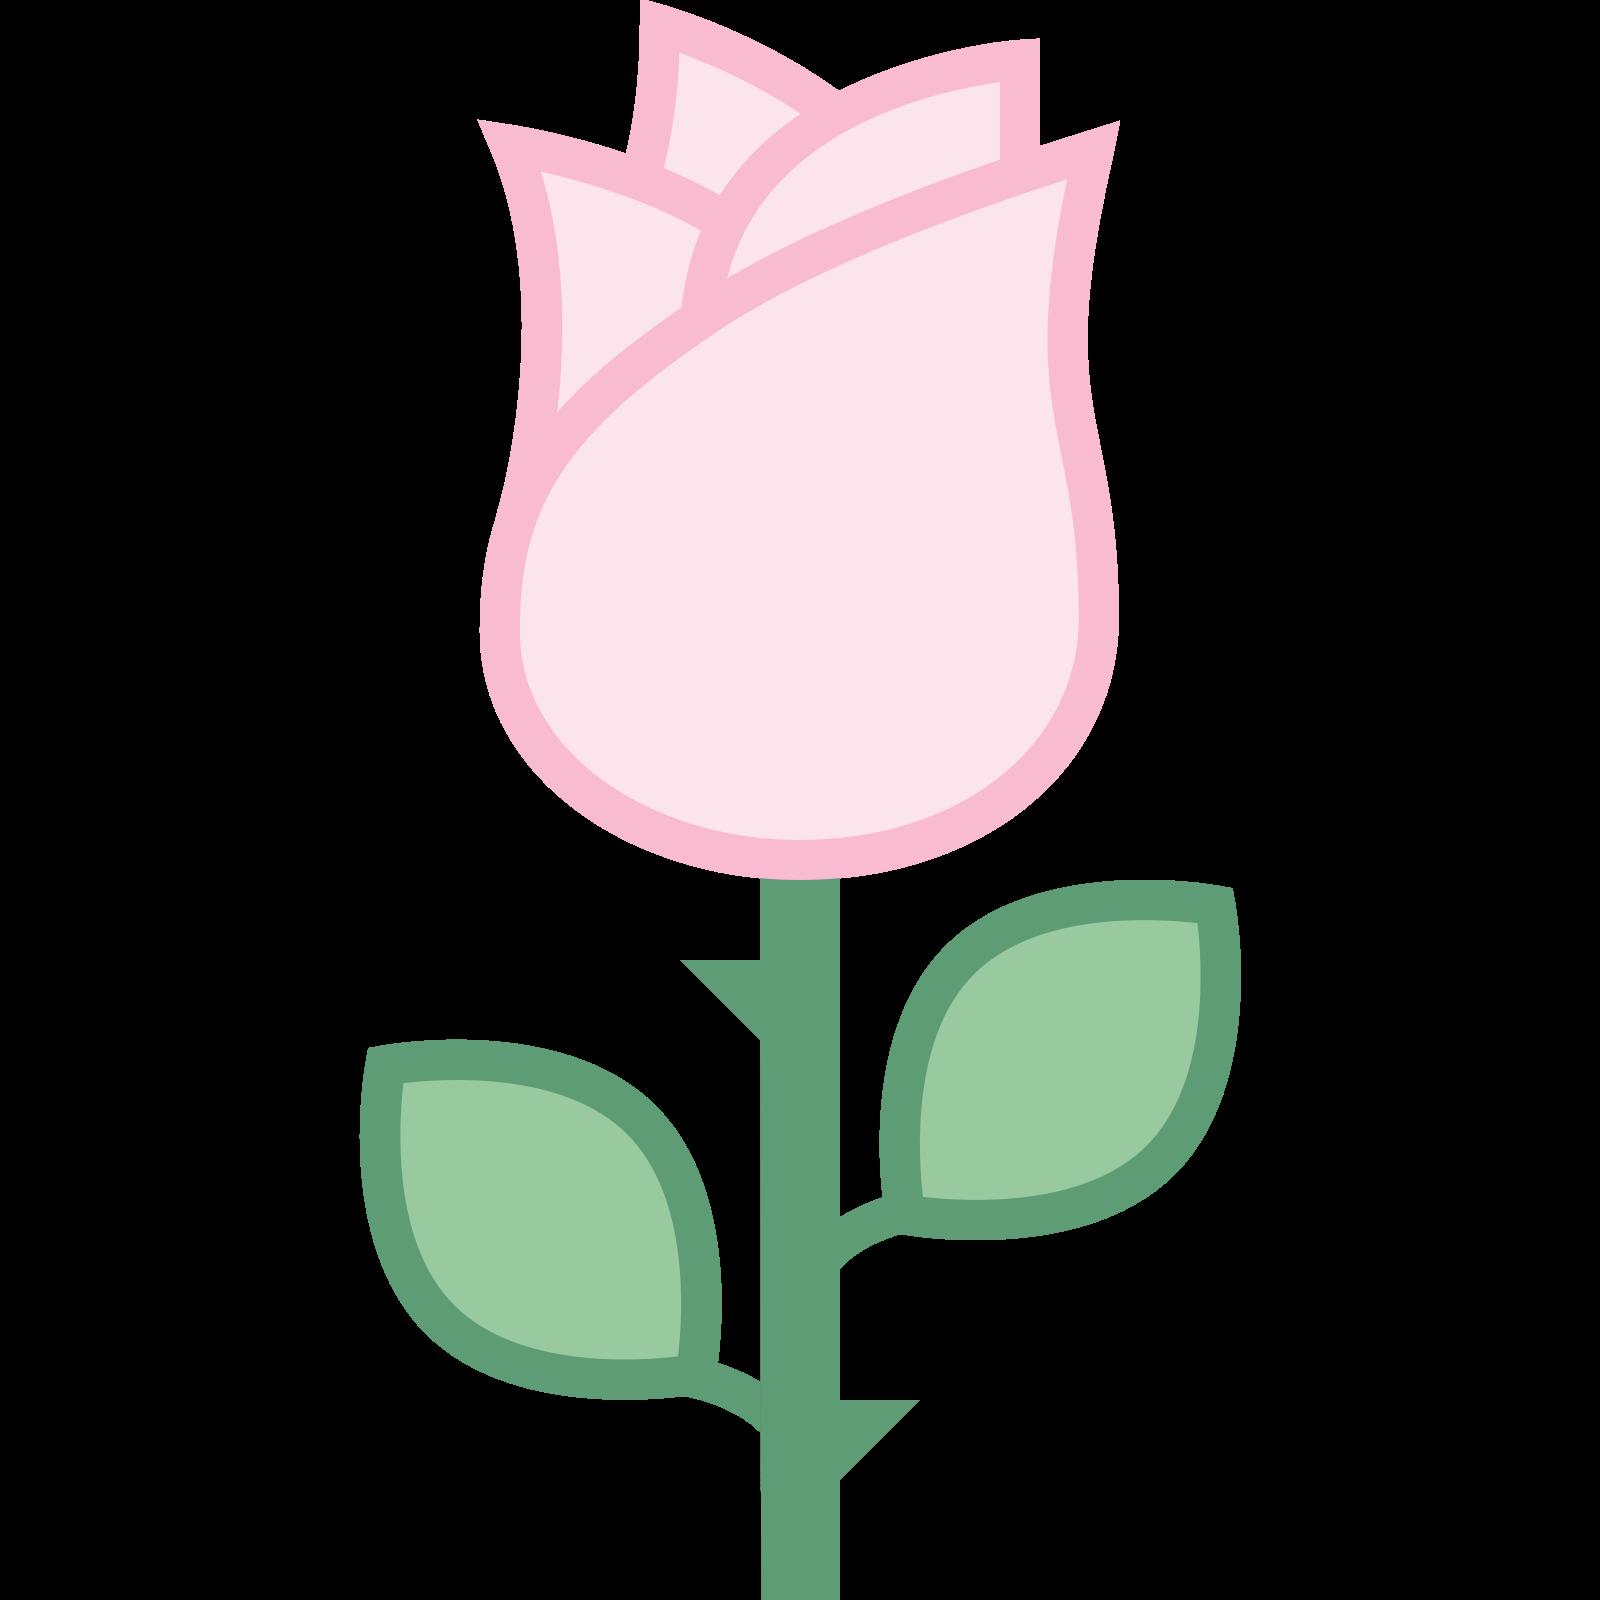 Róża icon